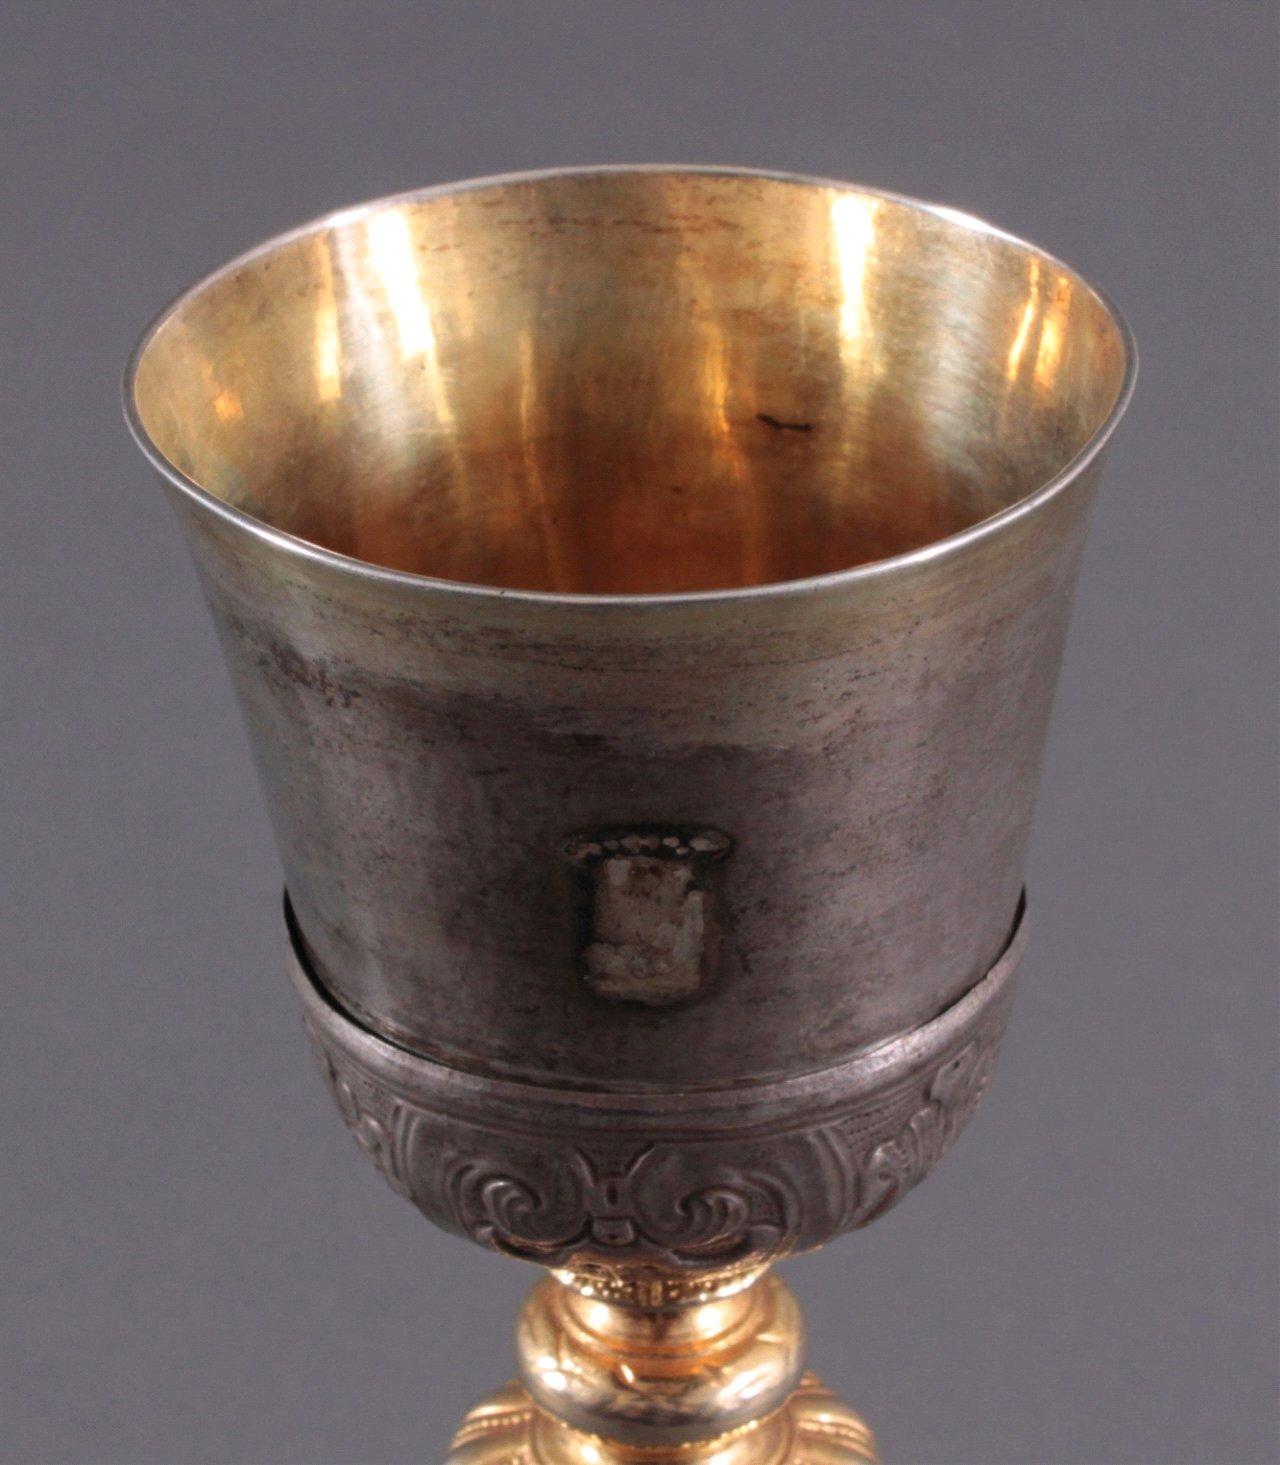 Silberpokal, Messkelch 1. Hälfte 19. Jh.-2